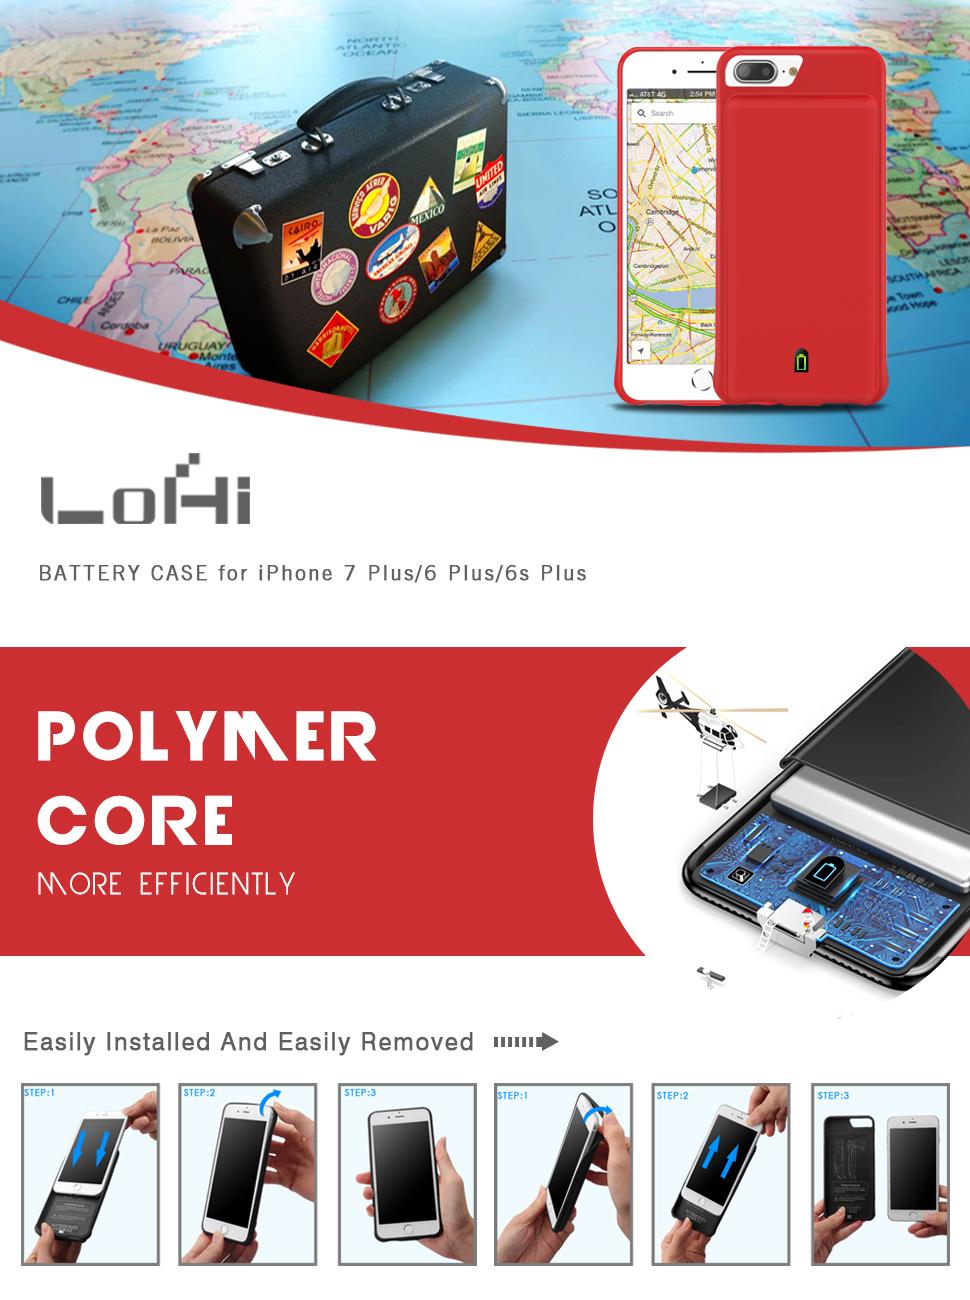 Iphone 7 Plus / 6s Plus / 6 Plus Battery Case